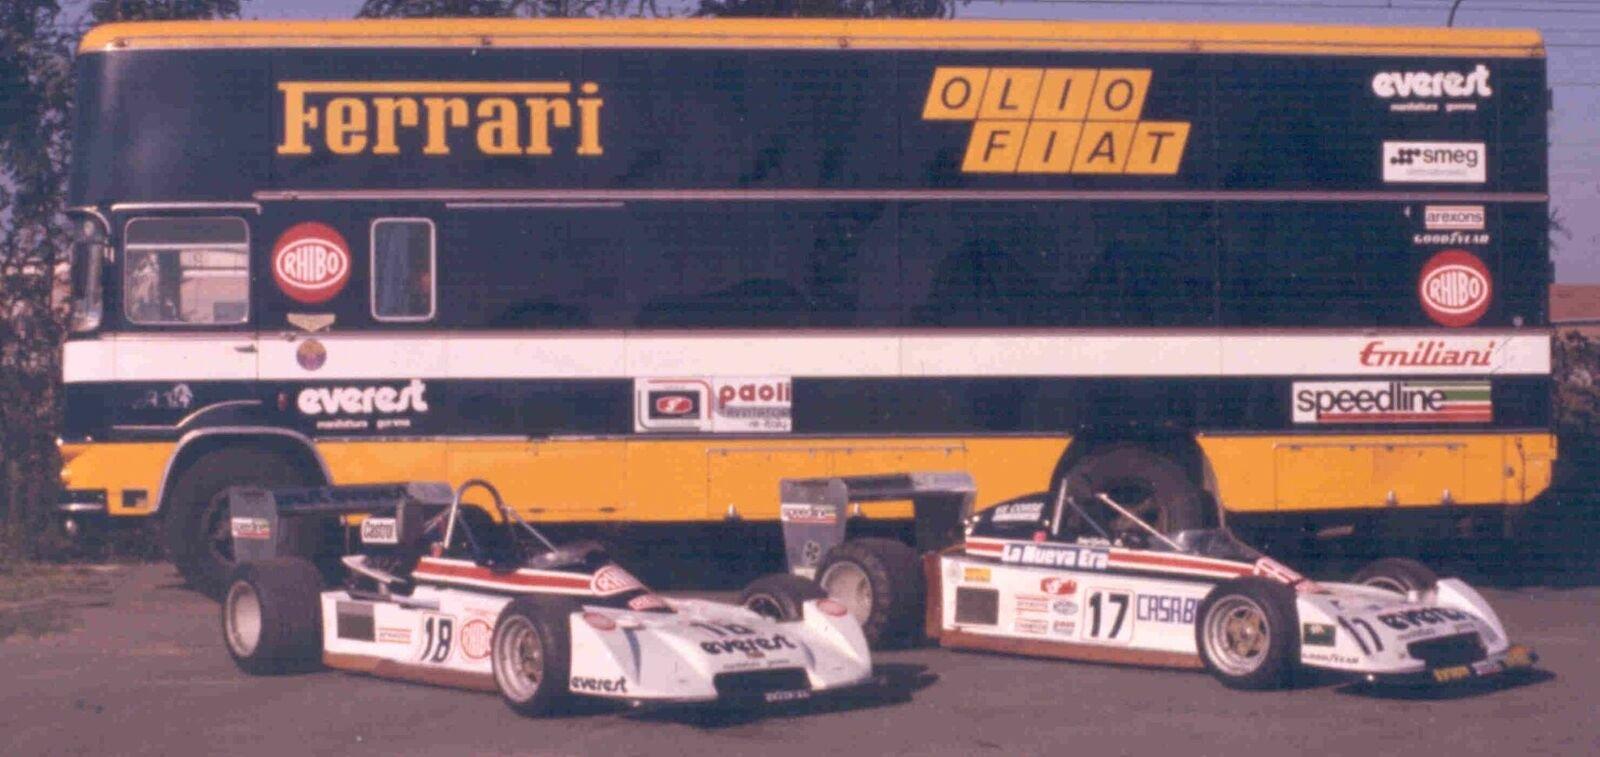 1978 Chevron Ferrari B42 For Sale (picture 1 of 1)